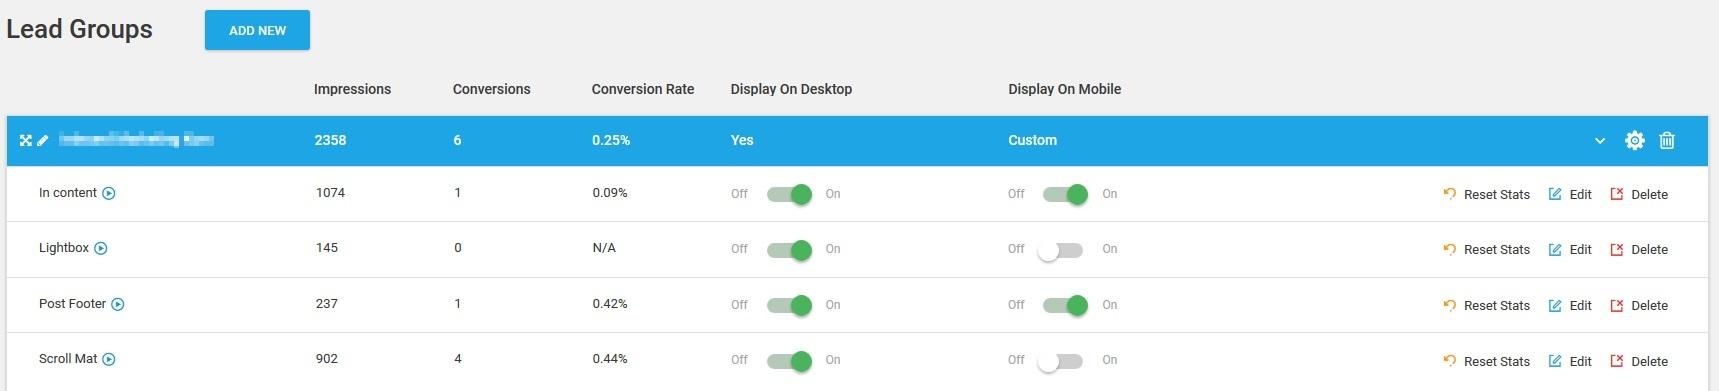 Die 3 besten E-Mail Opt-In Plugins für WordPress - ThriveLeads - 1 Thrive Lead Groups